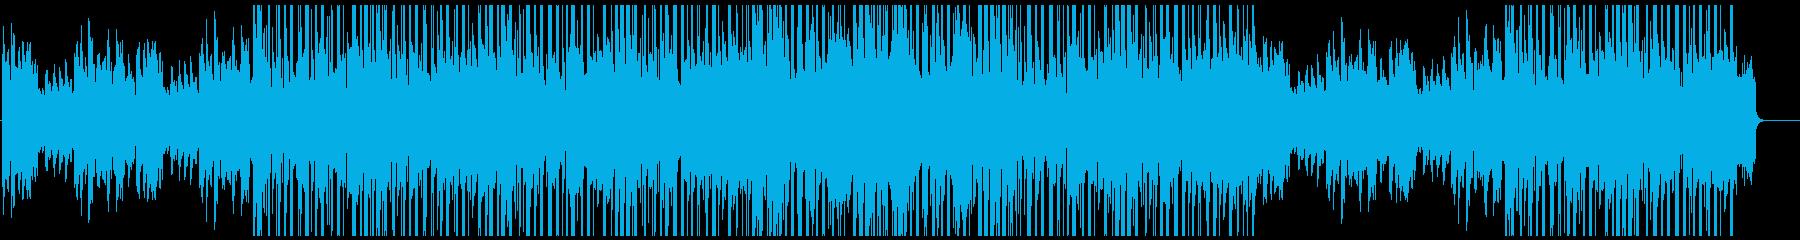 ジャジーで渋いローファイ・ヒップホップの再生済みの波形